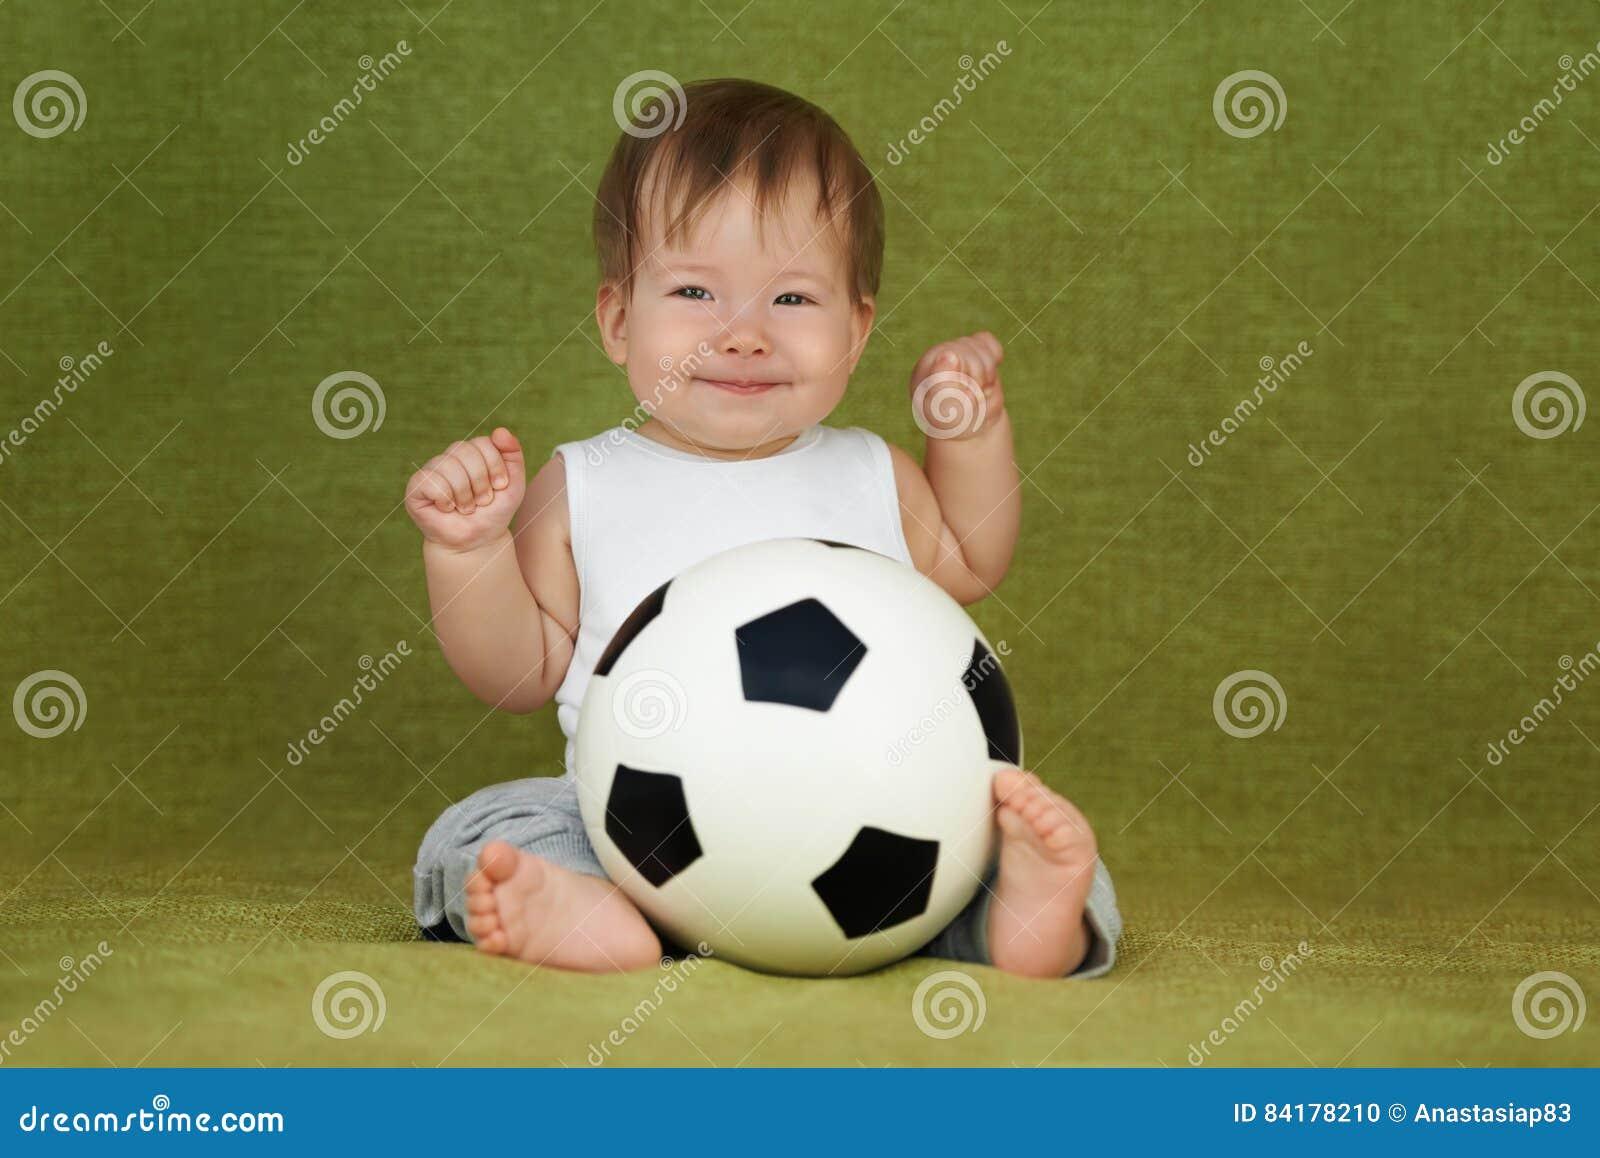 Маленький ребенок как раз получал шарик футбола как настоящий момент